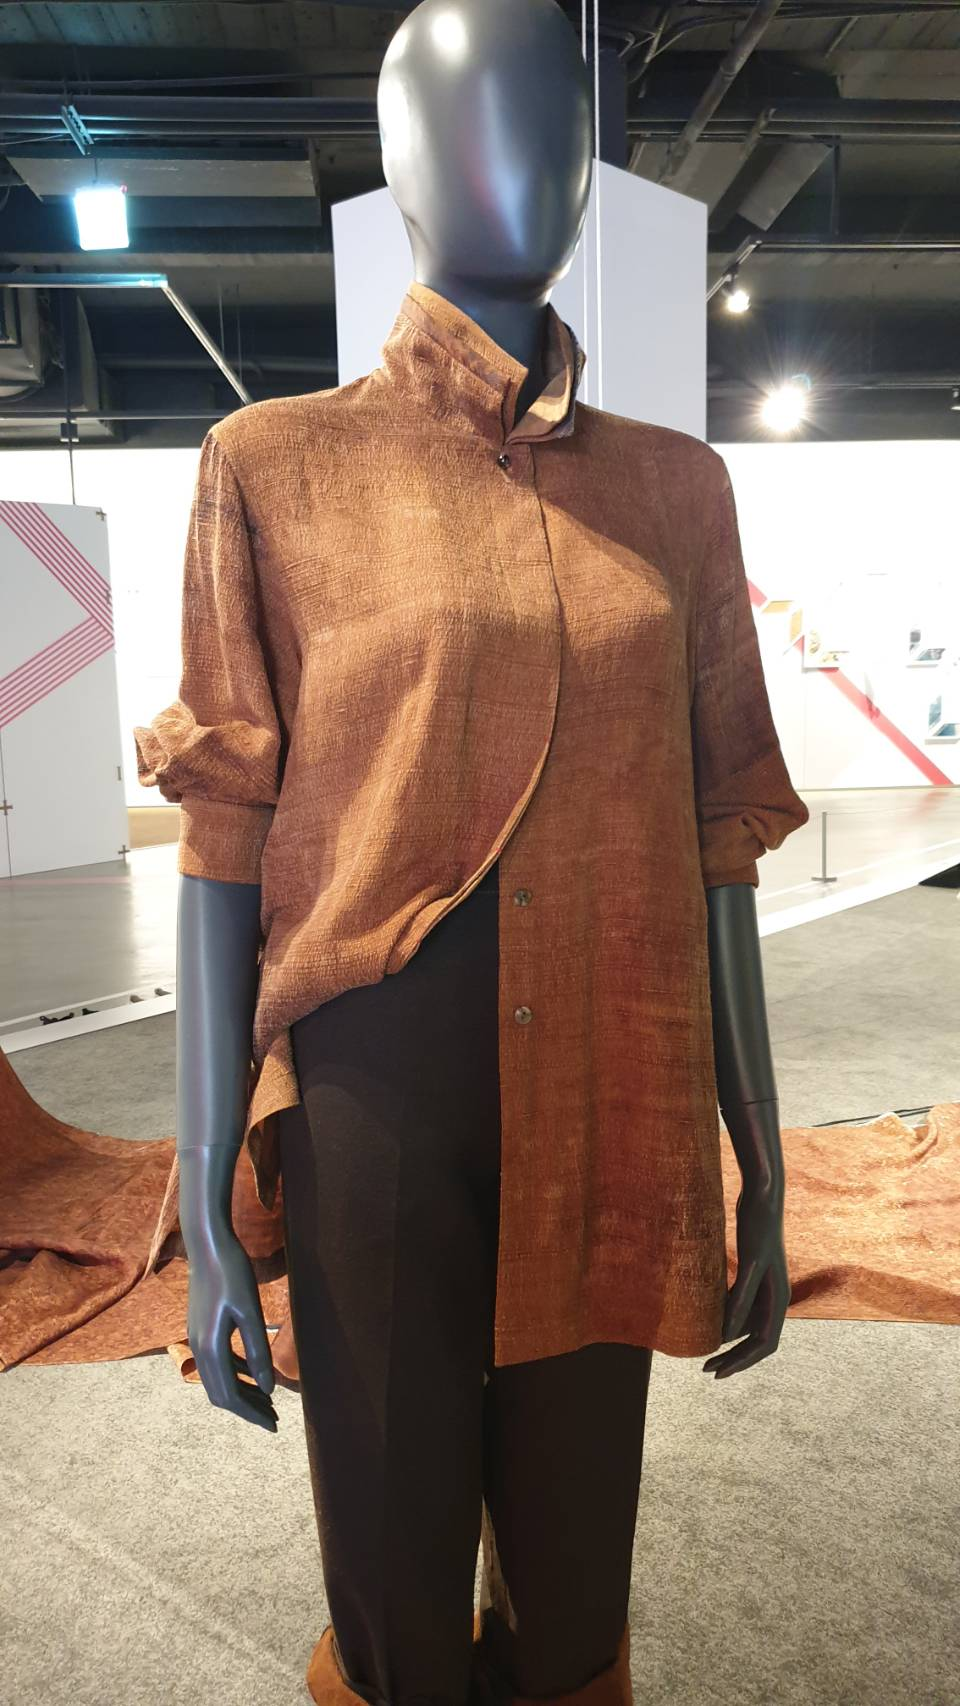 纖維工藝博物館現場展示的上衣及長褲,視覺上呈現相當簡潔。(記者劉明福翻攝)